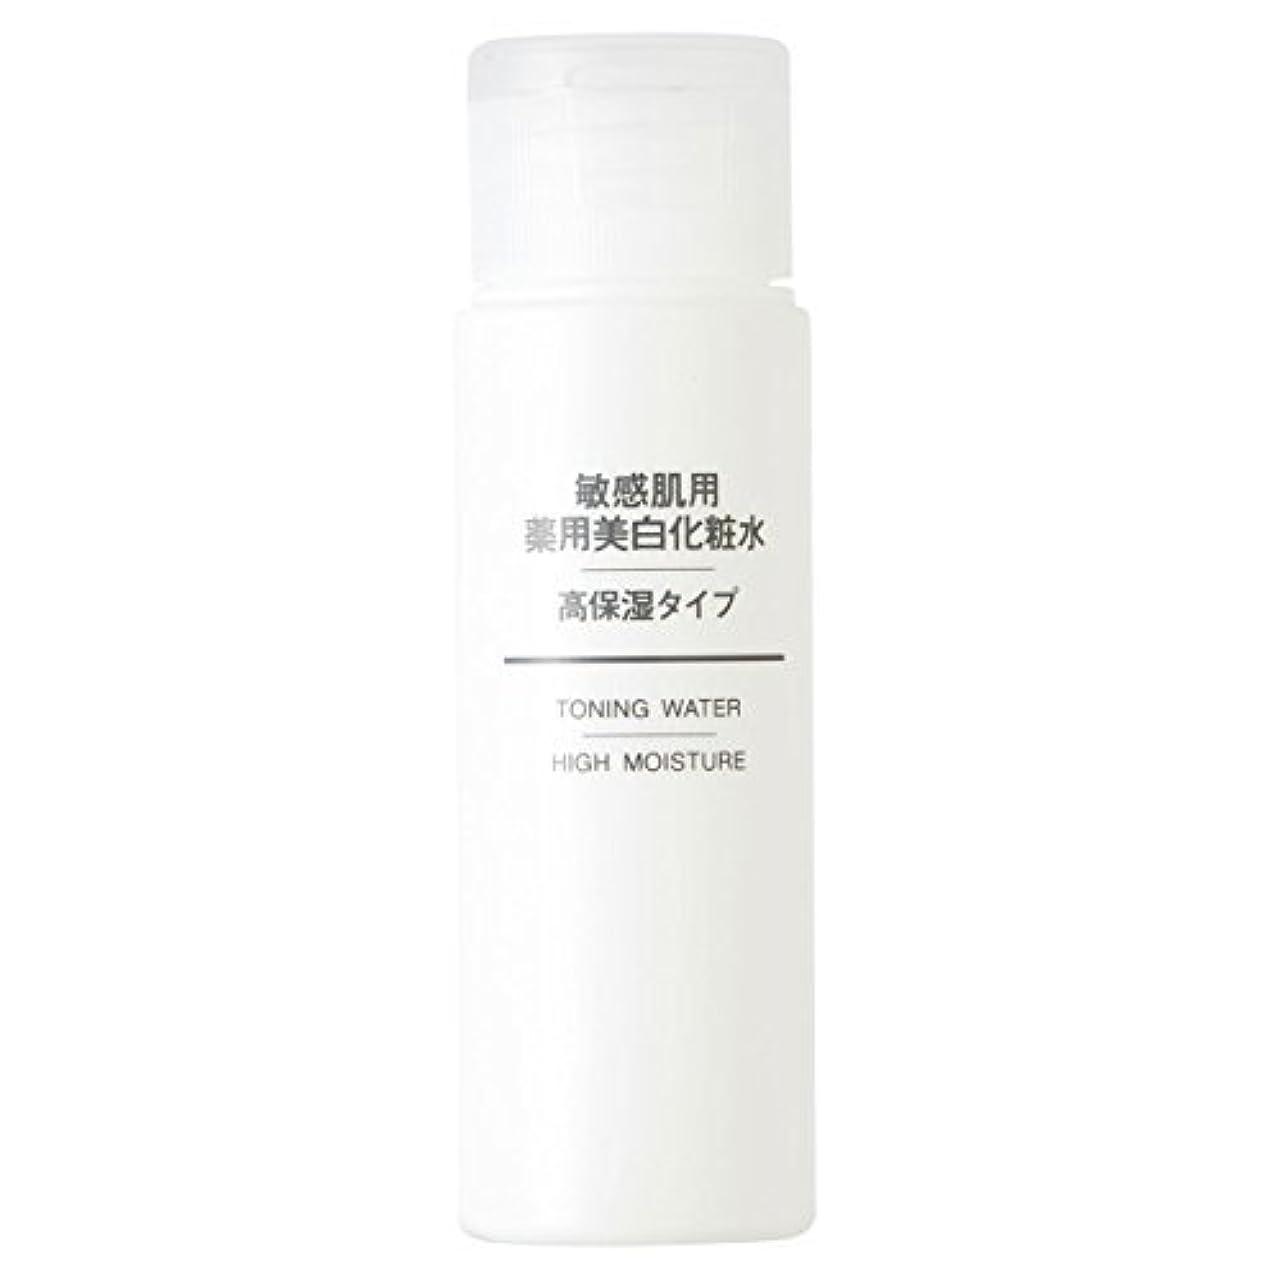 会計士回転させる肘無印良品 敏感肌用 薬用美白化粧水 高保湿タイプ(携帯用) (新)50ml